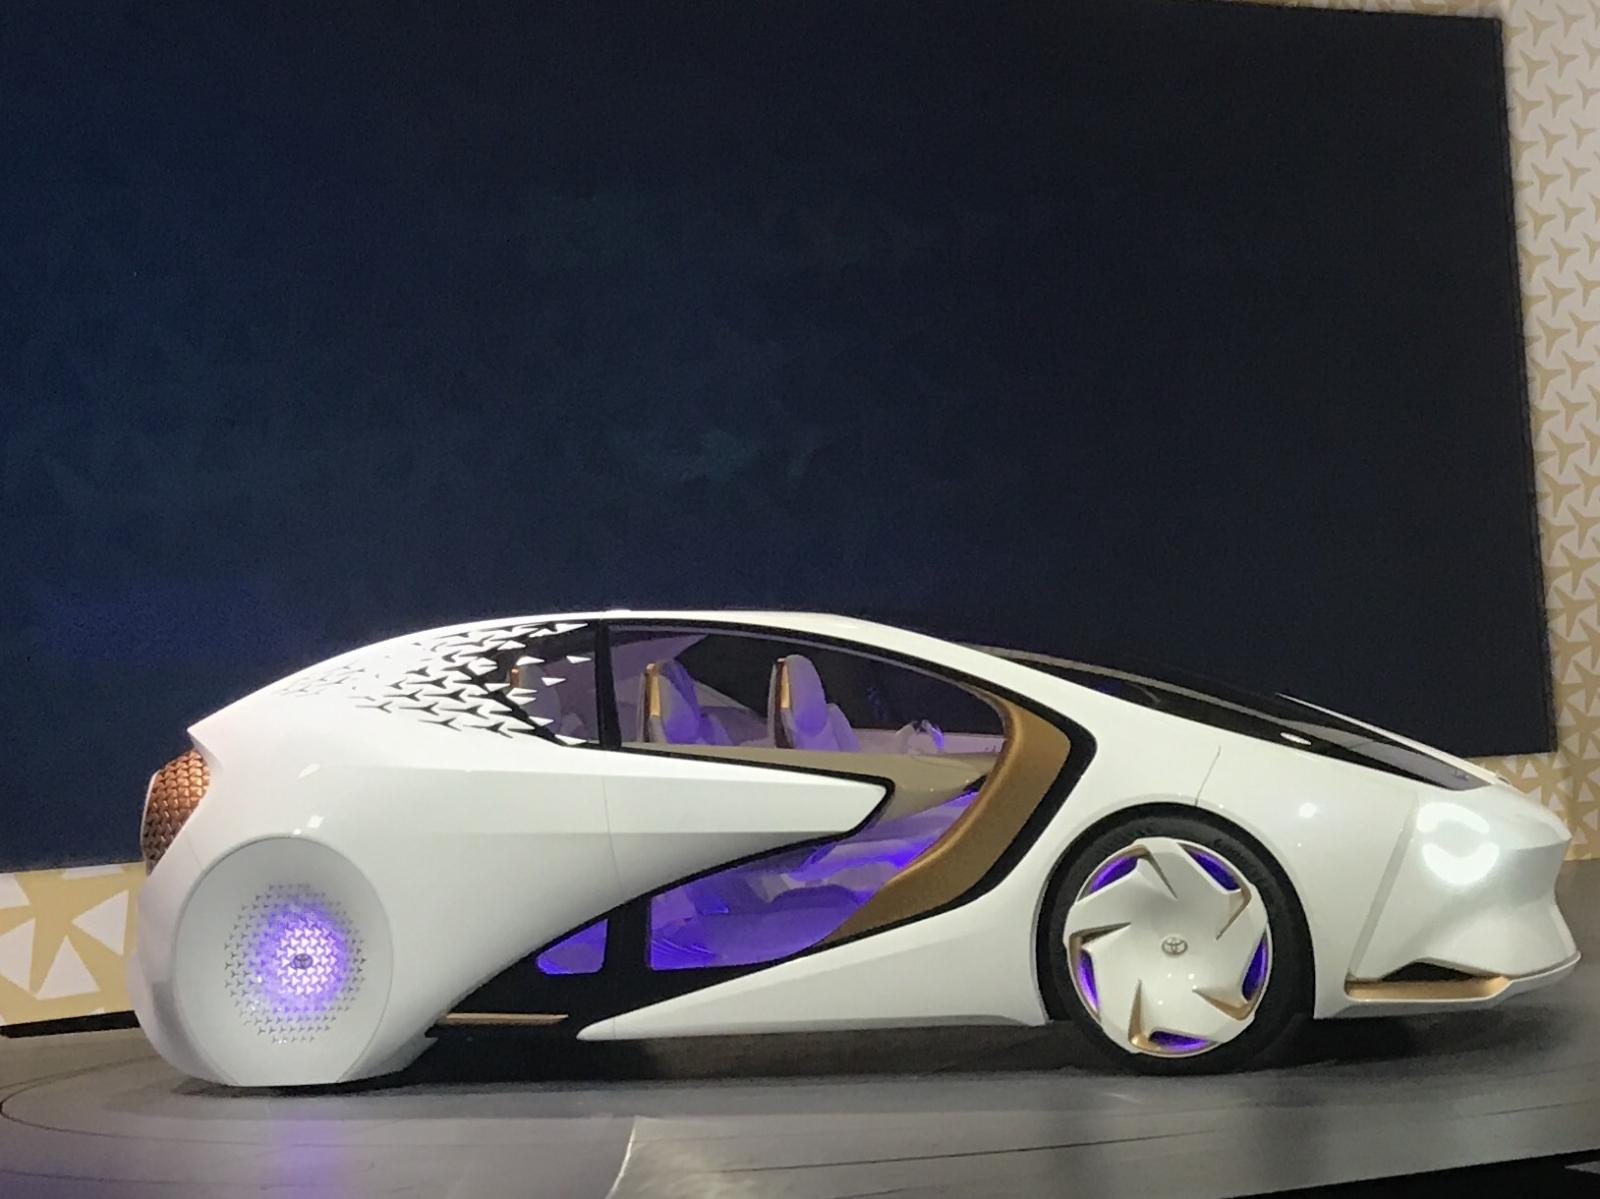 Toyota Concept-i car AI CES 2017